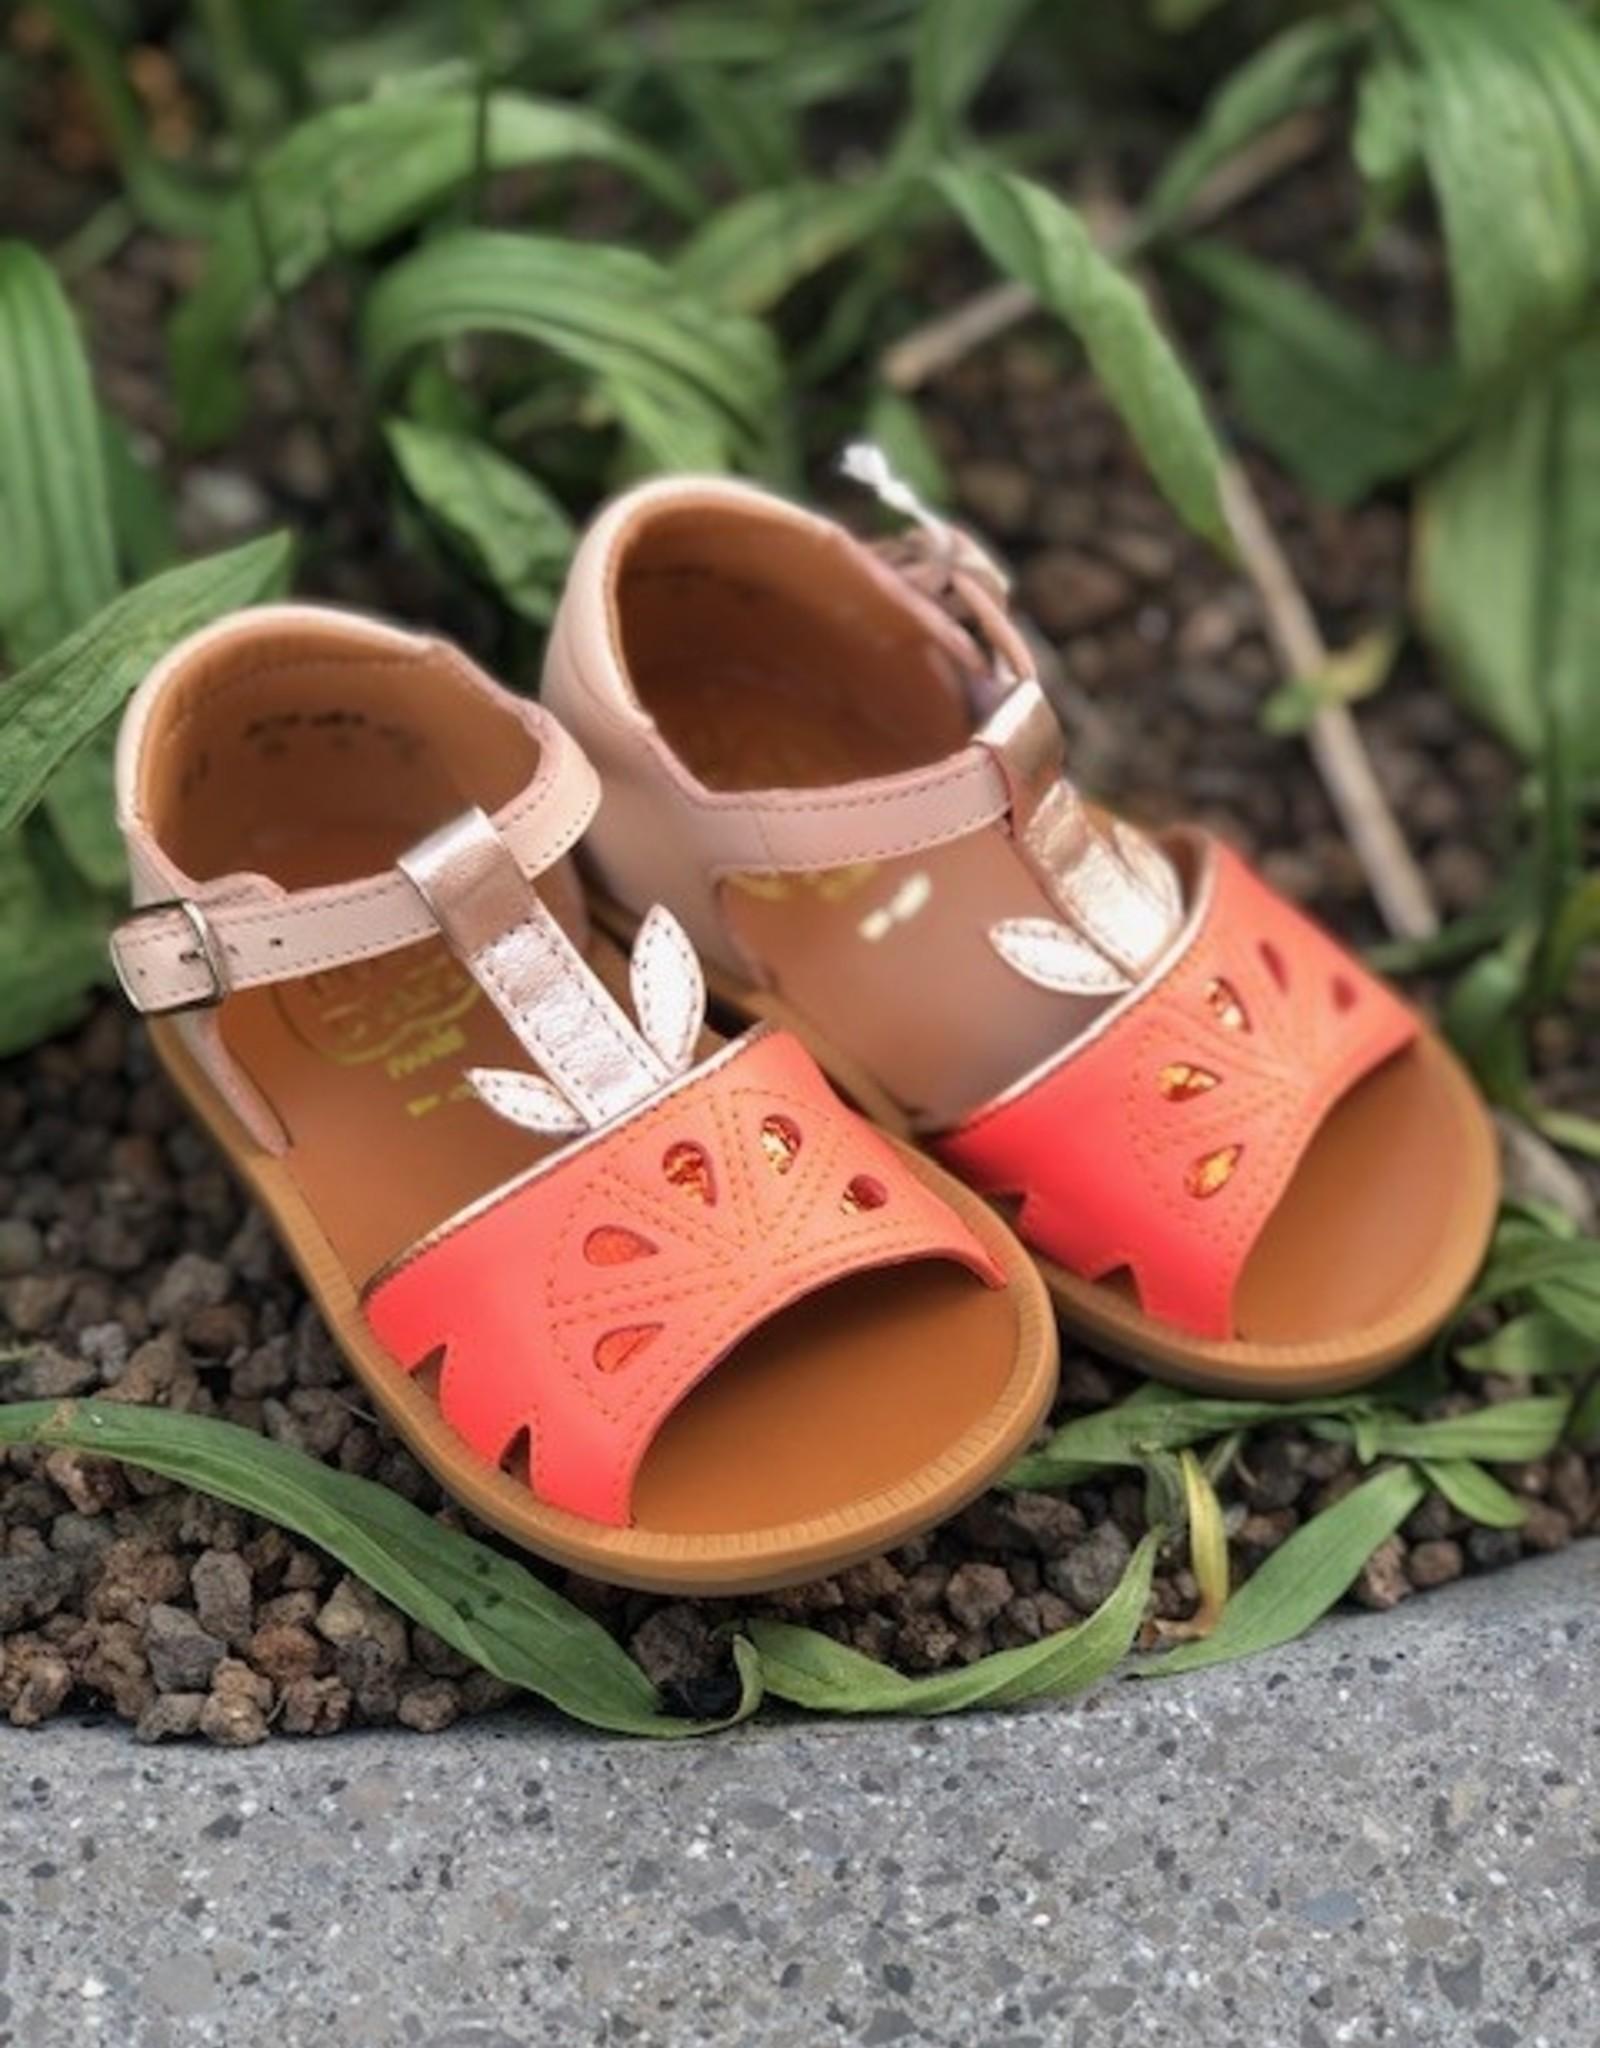 Pom d'api poppy agrume multi orange sandaal